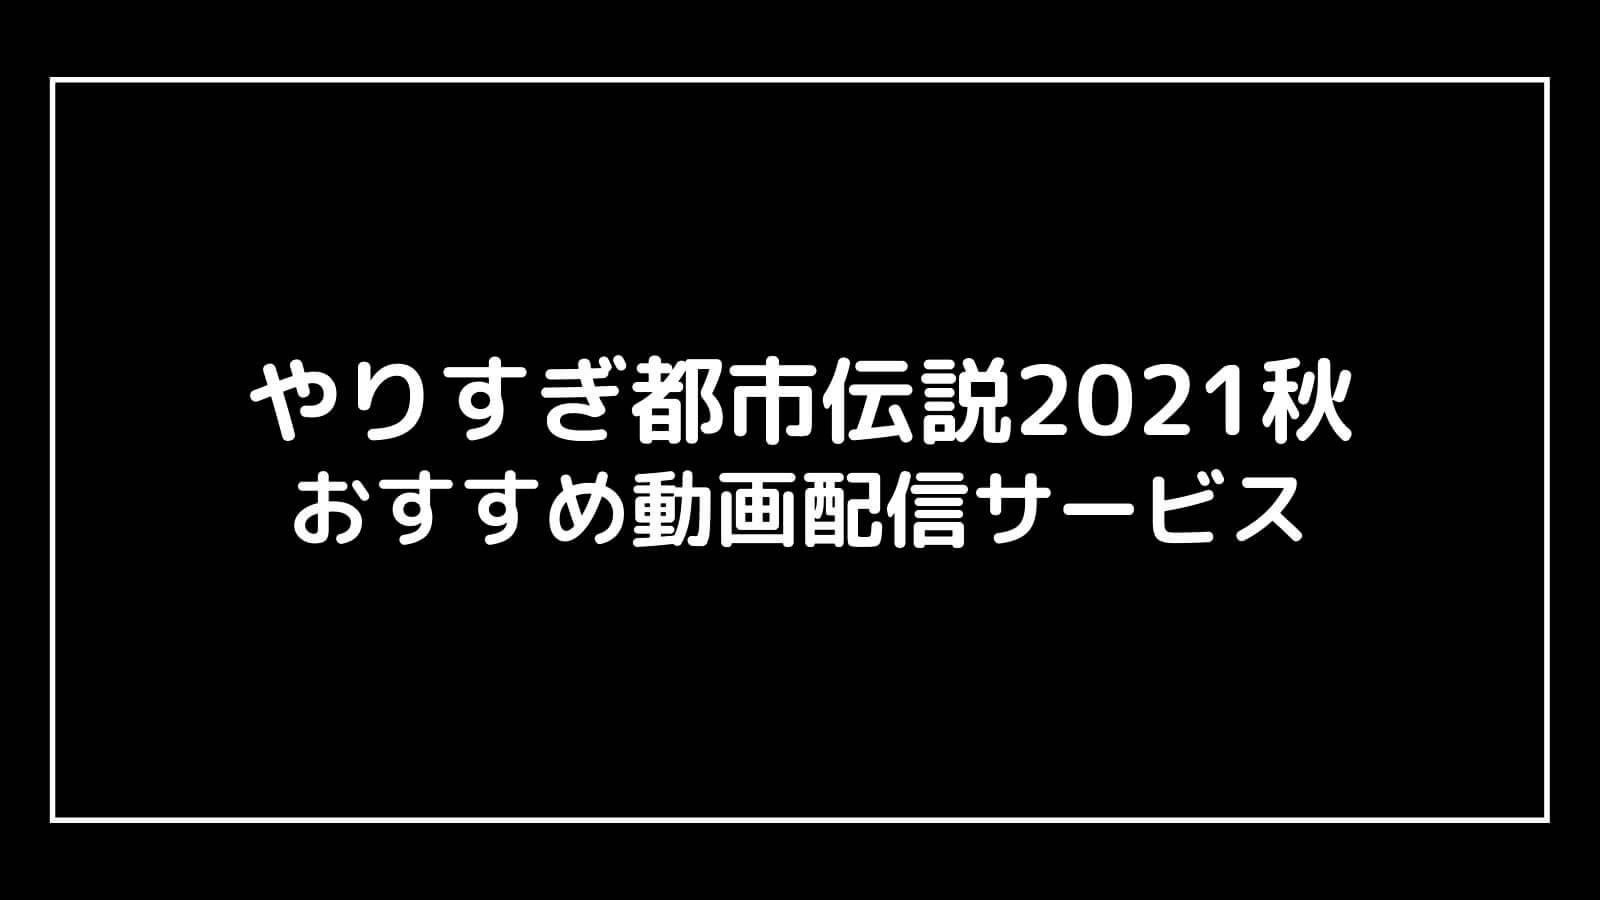 『やりすぎ都市伝説2021秋』の見逃し配信をフル動画で無料視聴できるサブスクまとめ